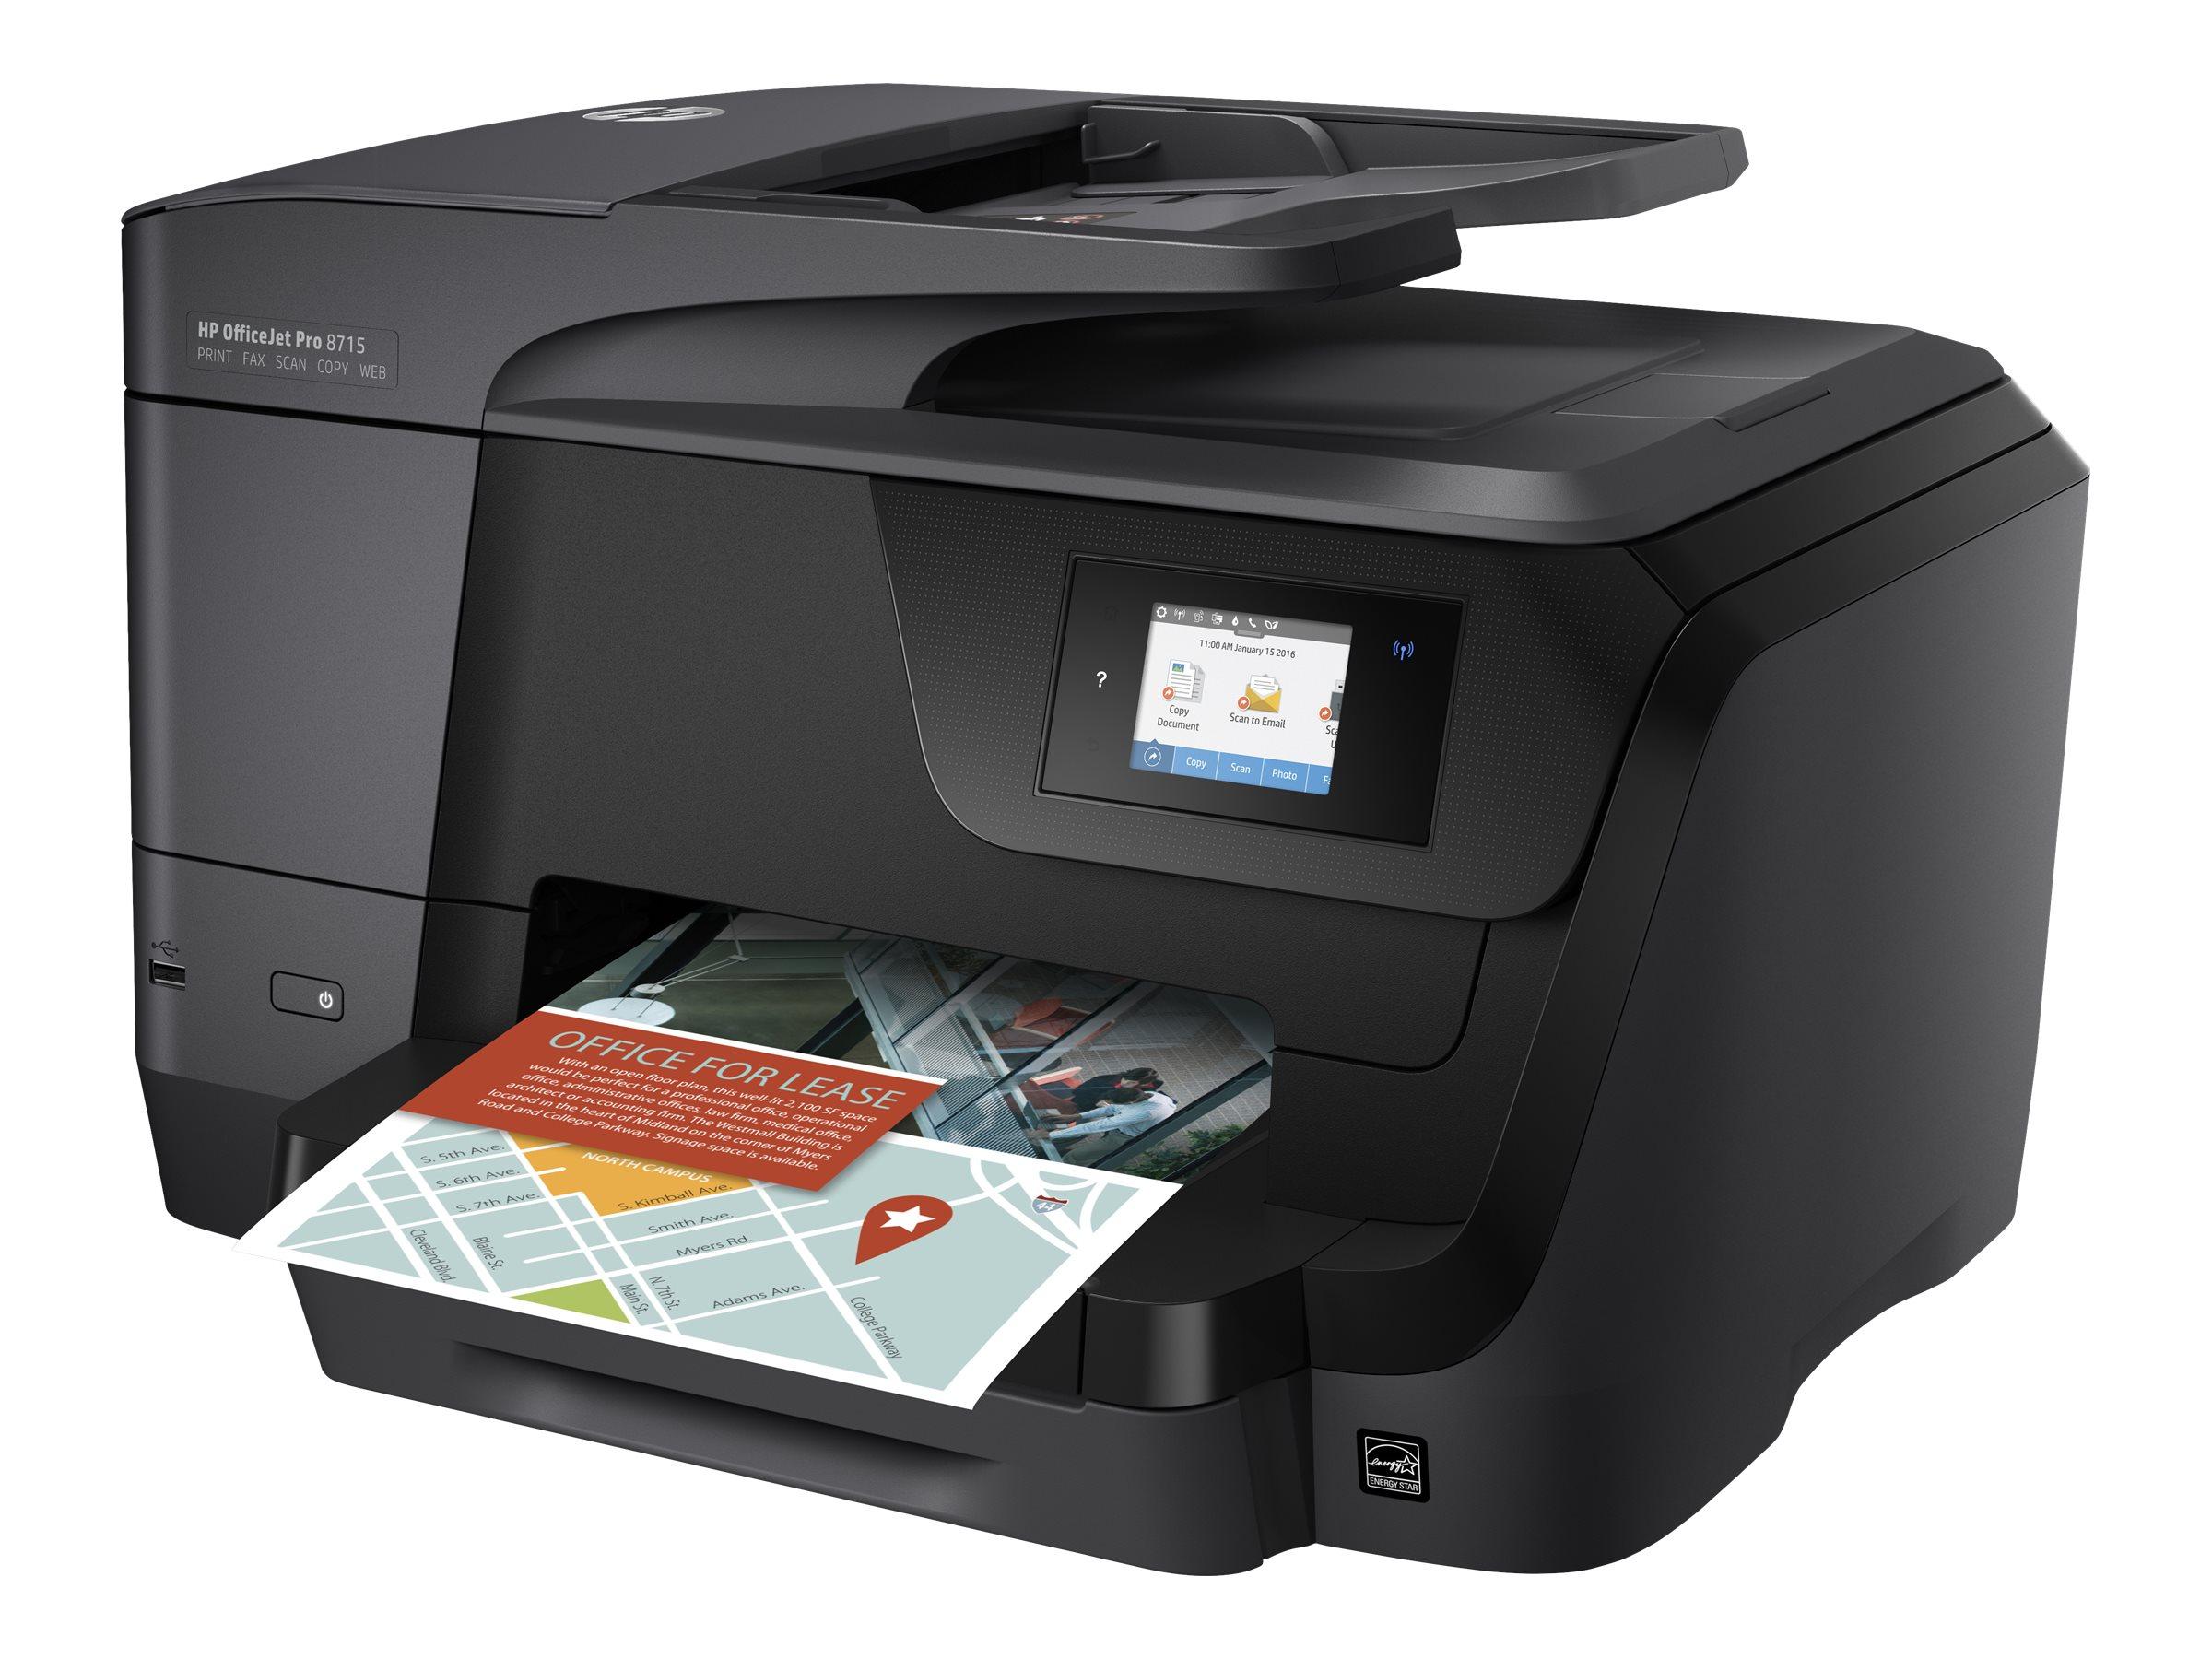 HP Officejet Pro 8715 -